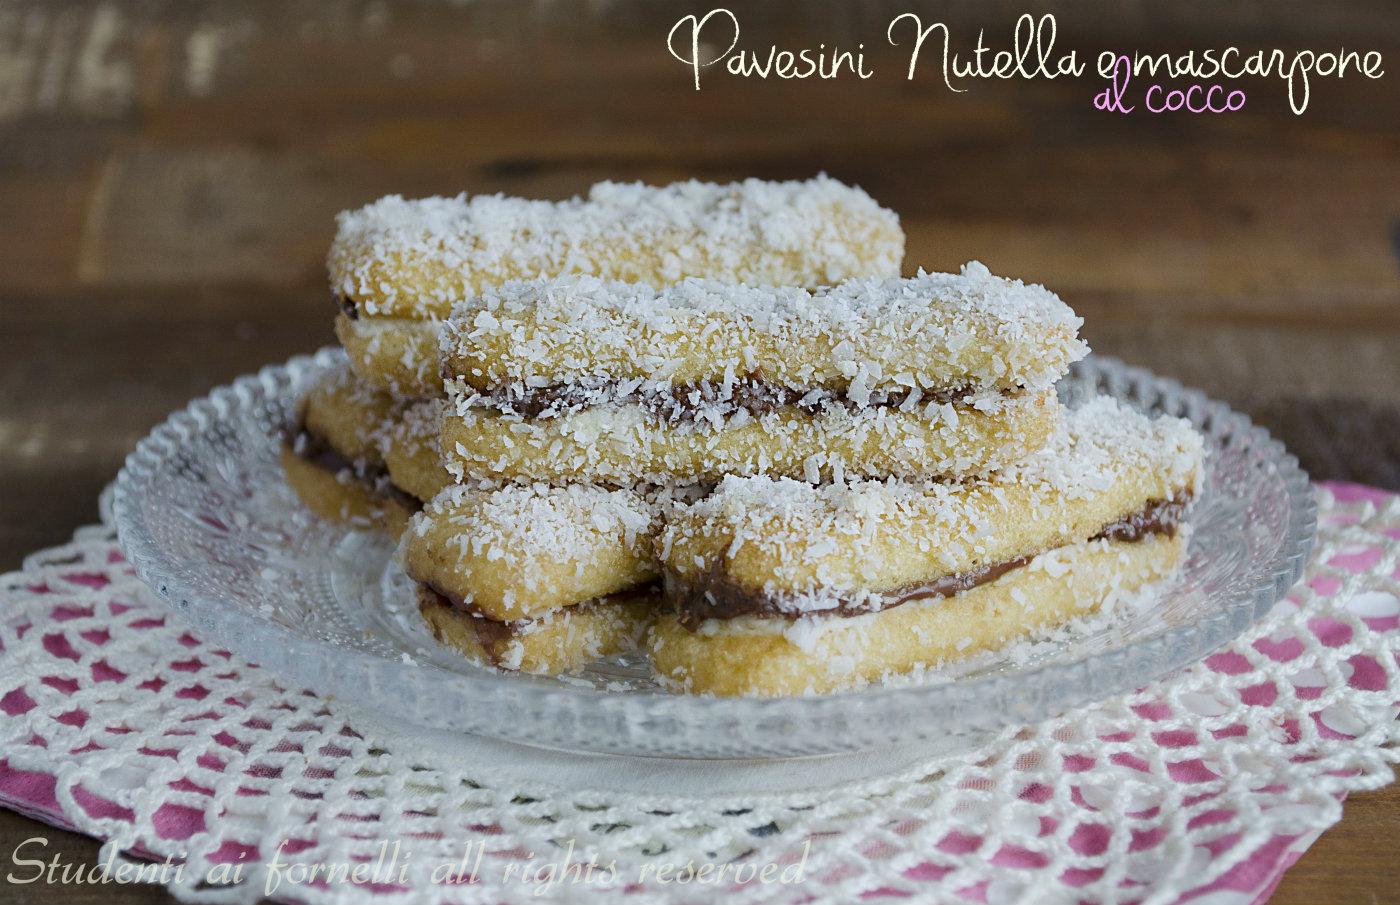 Ben noto Pavesini nutella e mascarpone al cocco e caffè, ricetta PA91